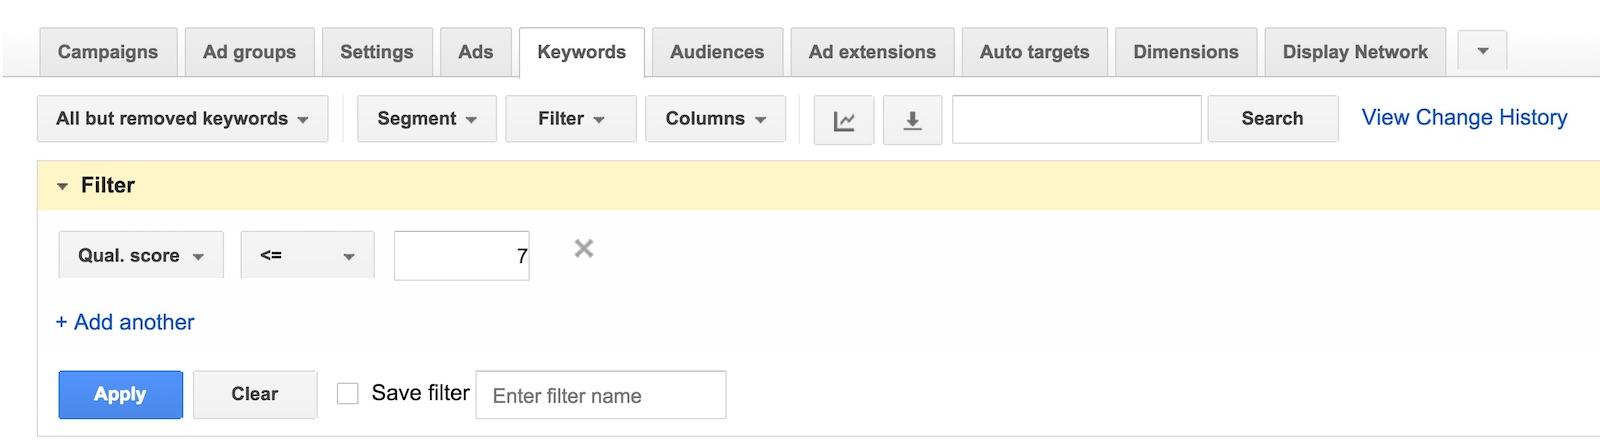 Google Ads Quality Scores